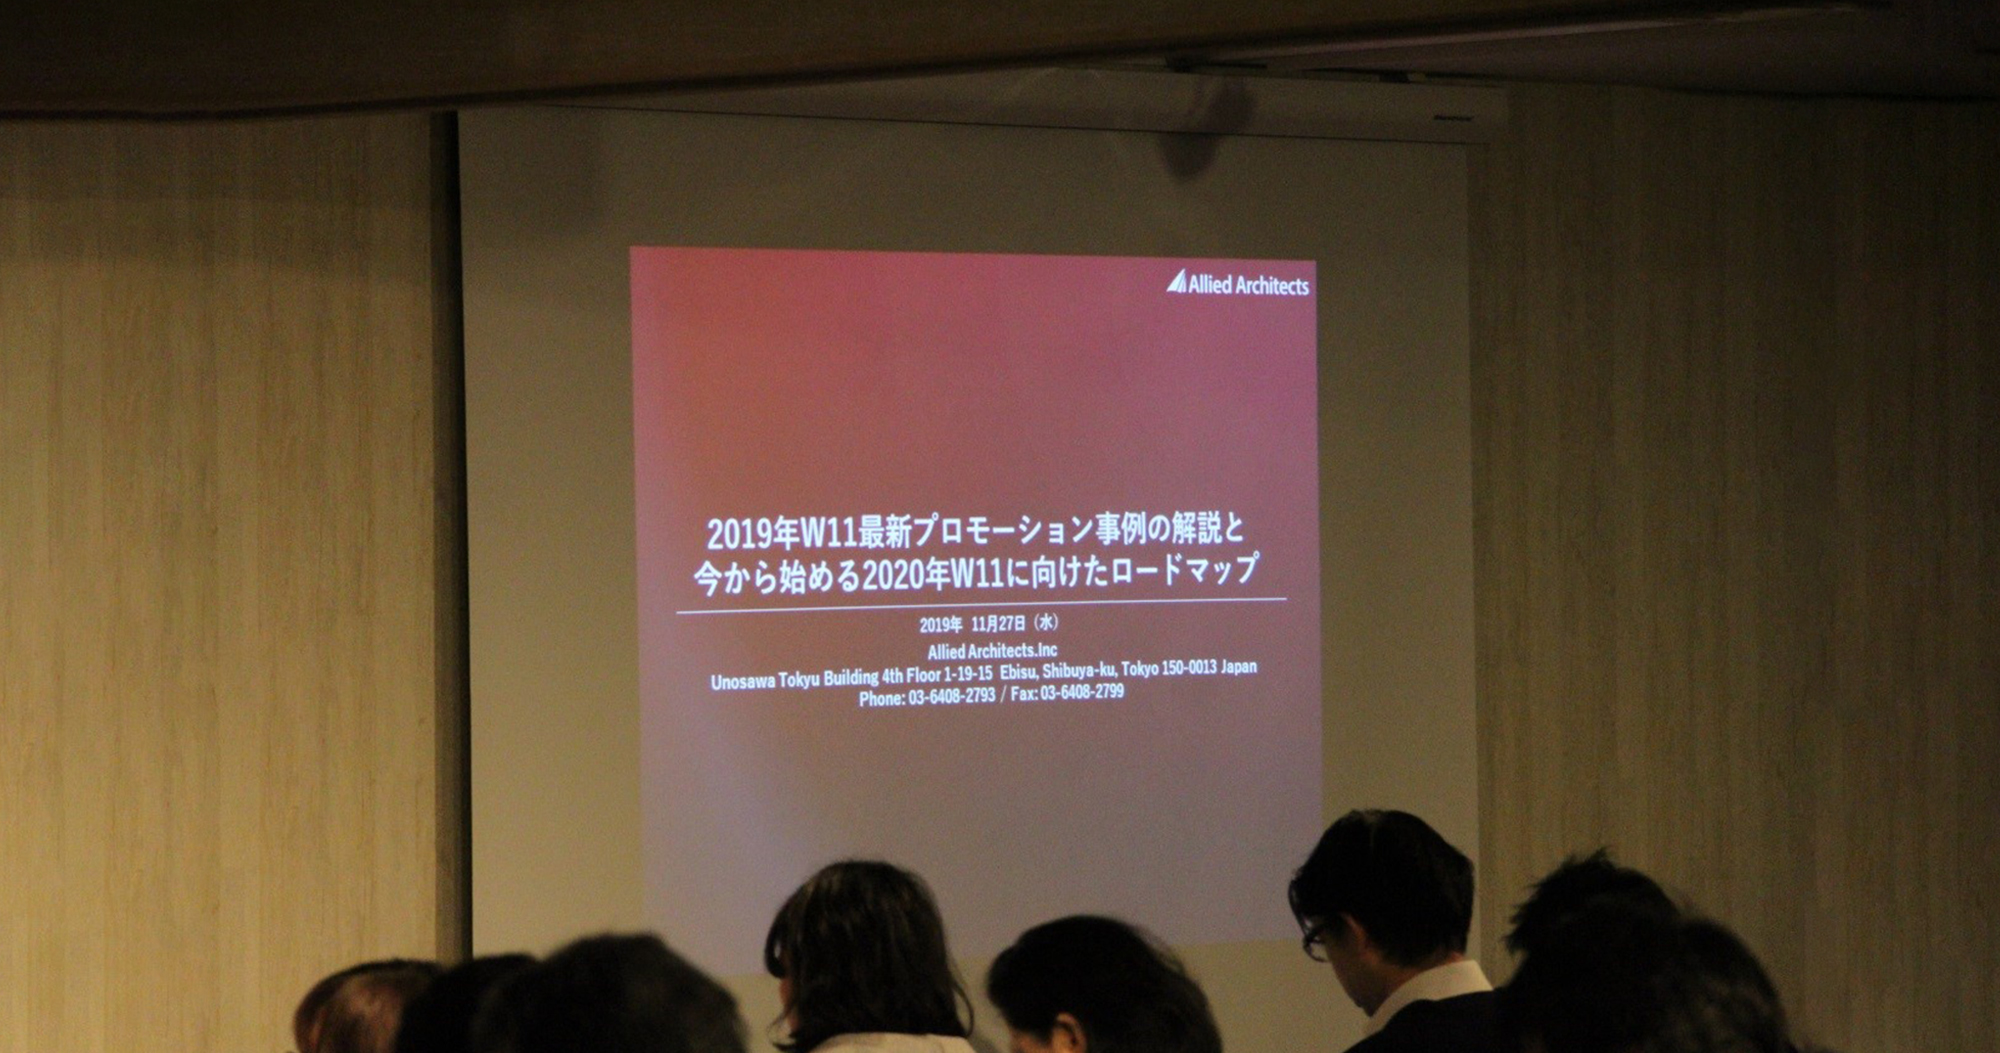 「サブスクサミット2019」レポート 第二回 セッション1「マーケティング成果に繋げる顧客体験の設計」